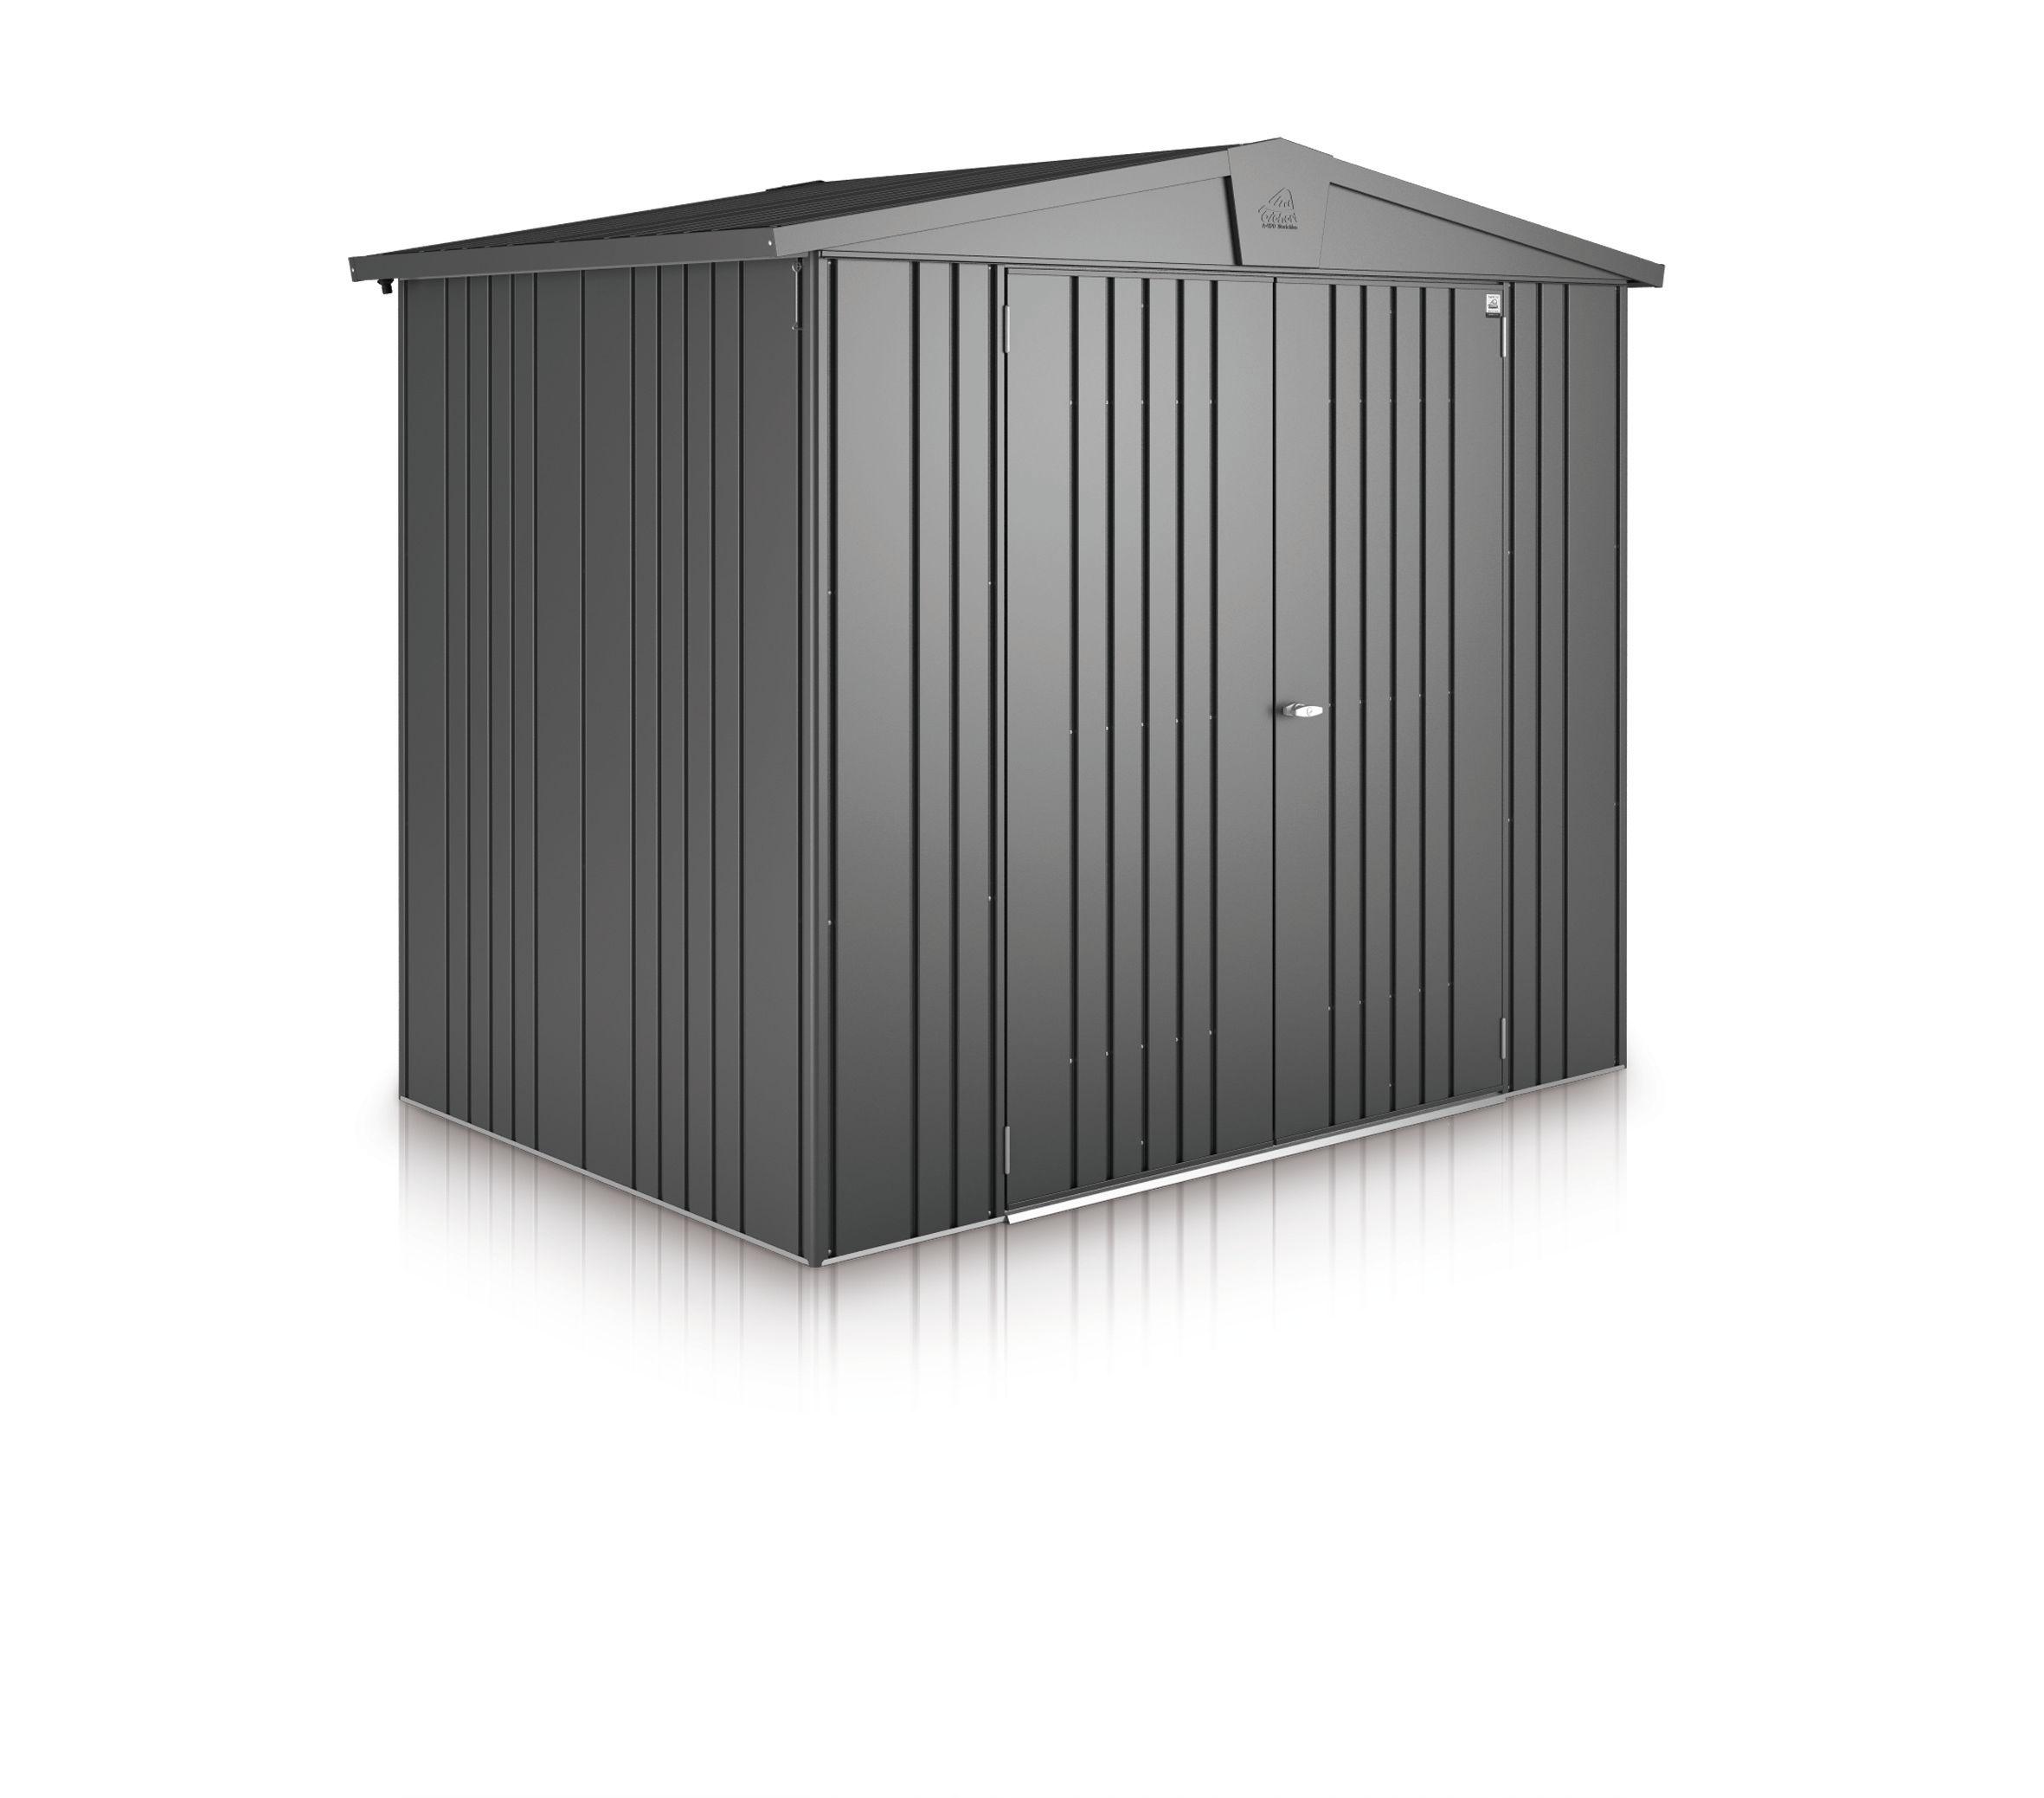 ger tehaus europa dunkelgr n 2 23020. Black Bedroom Furniture Sets. Home Design Ideas